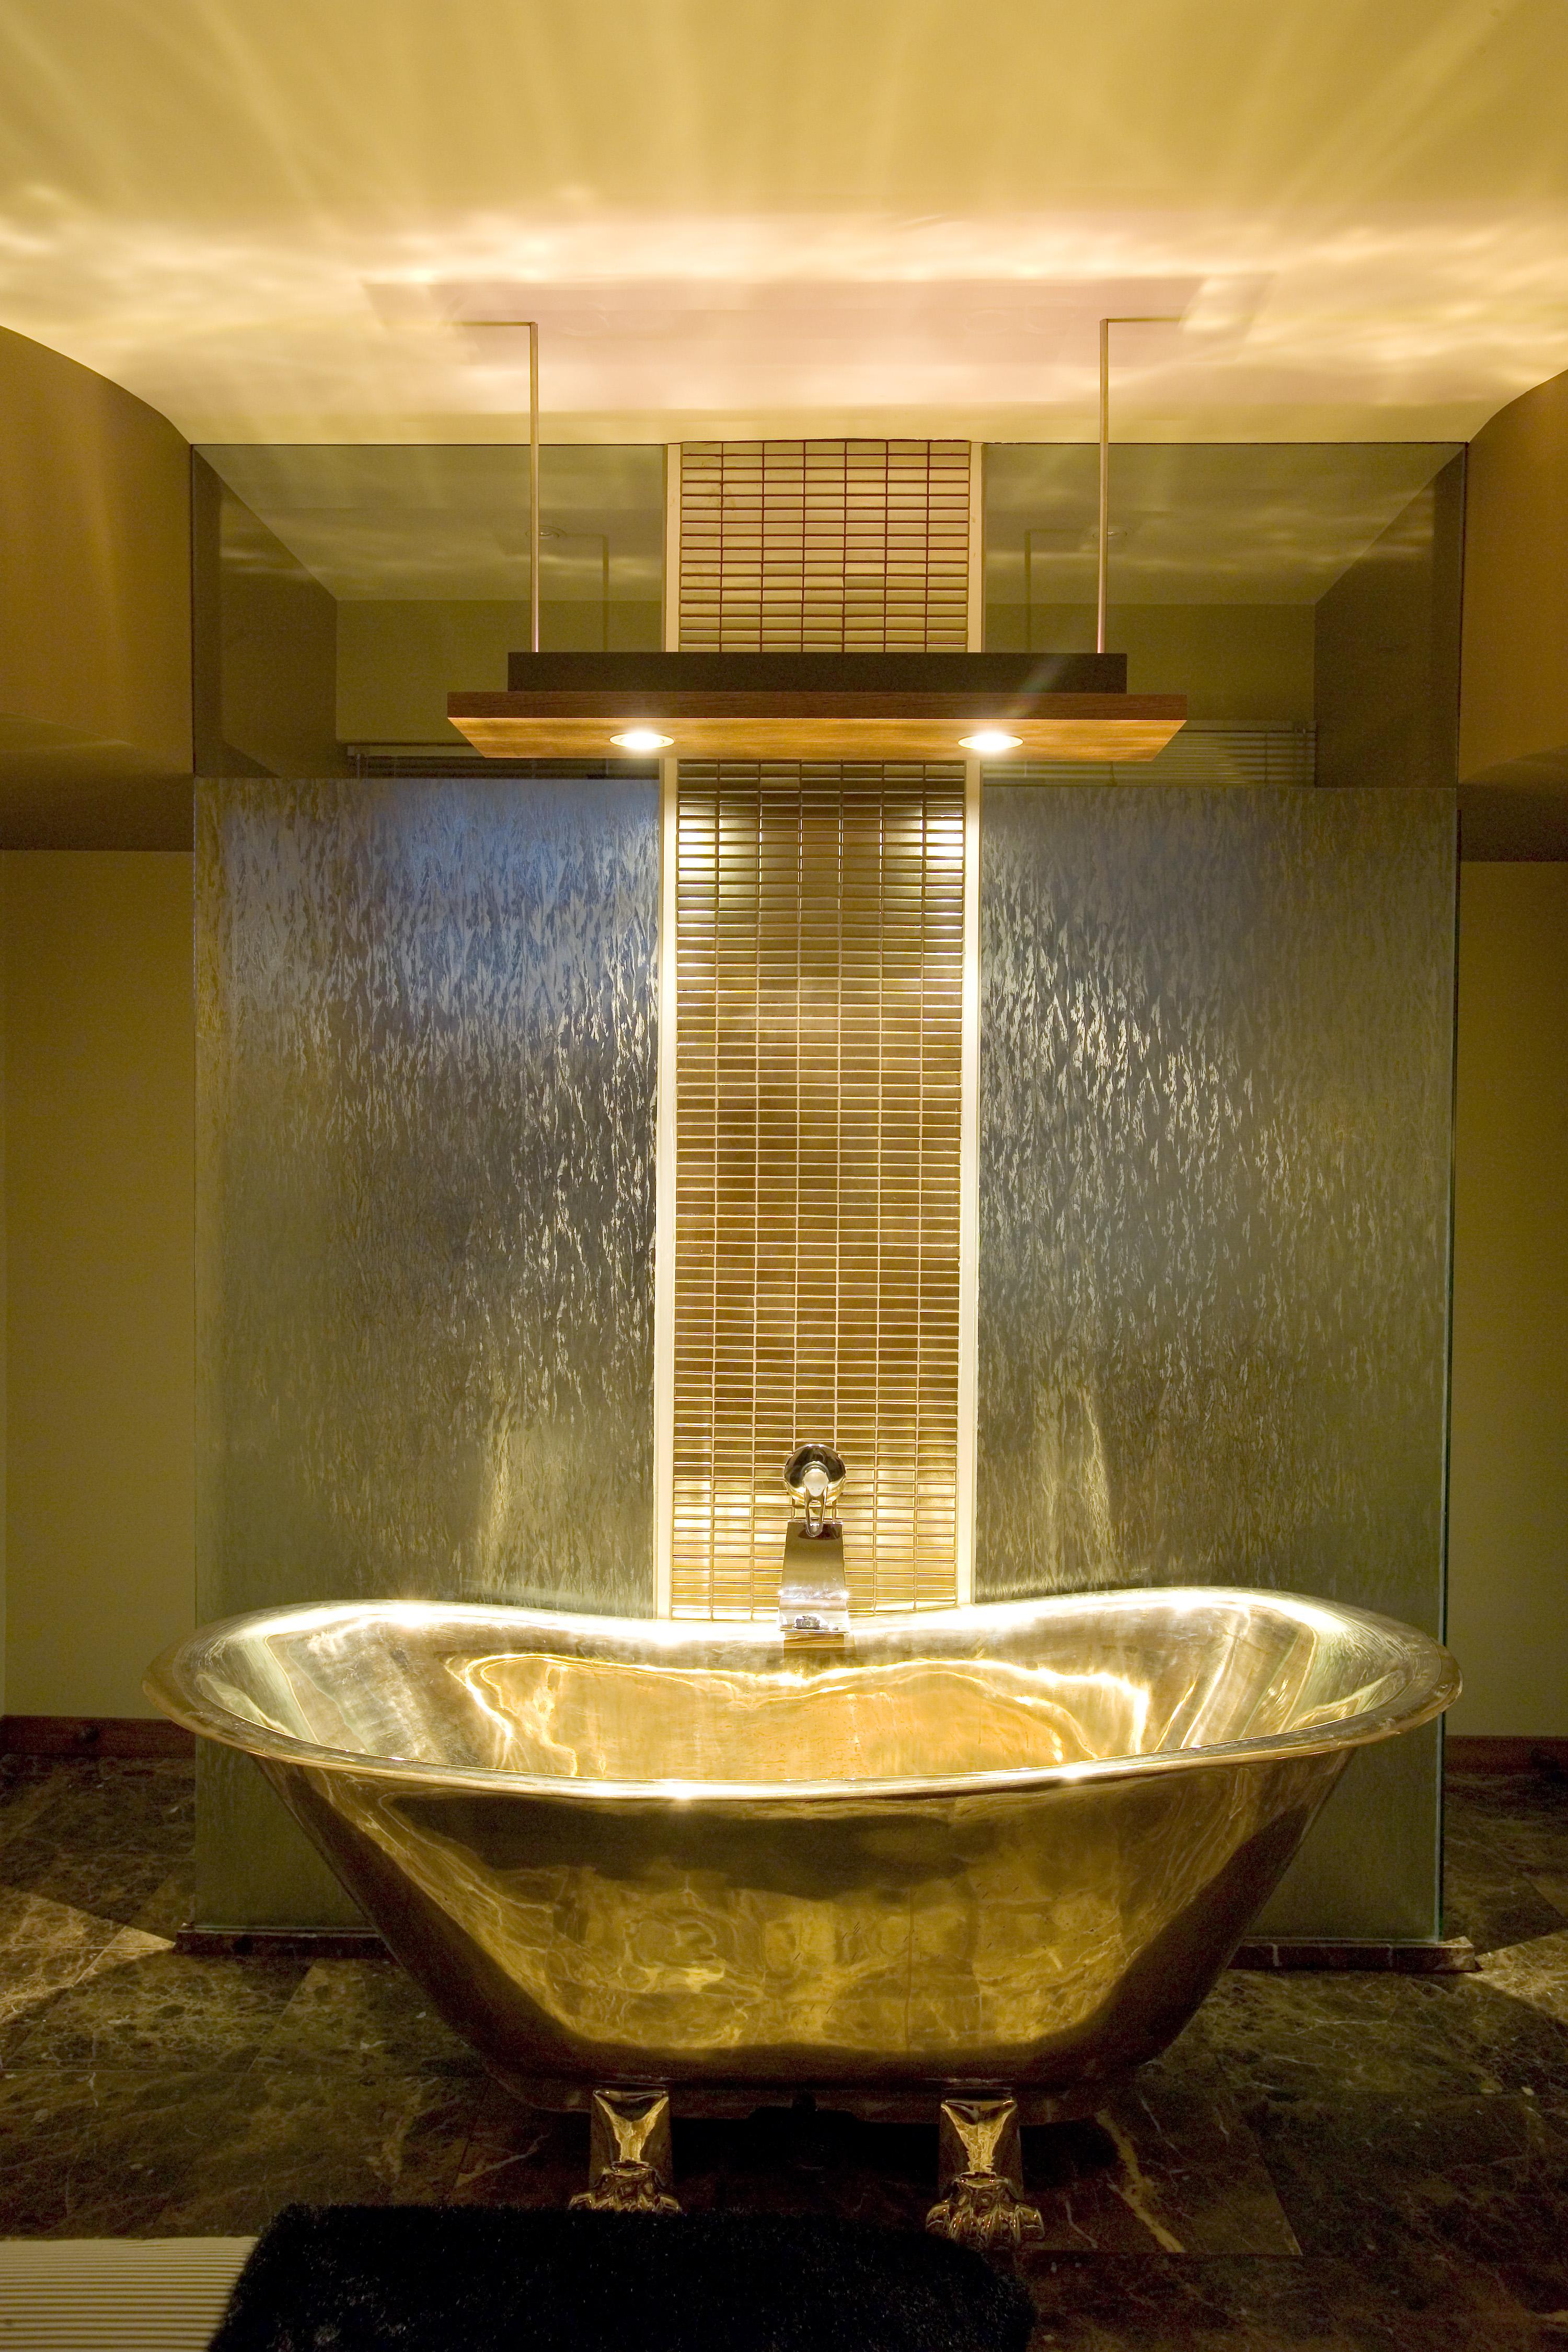 Springs Hotel Bath